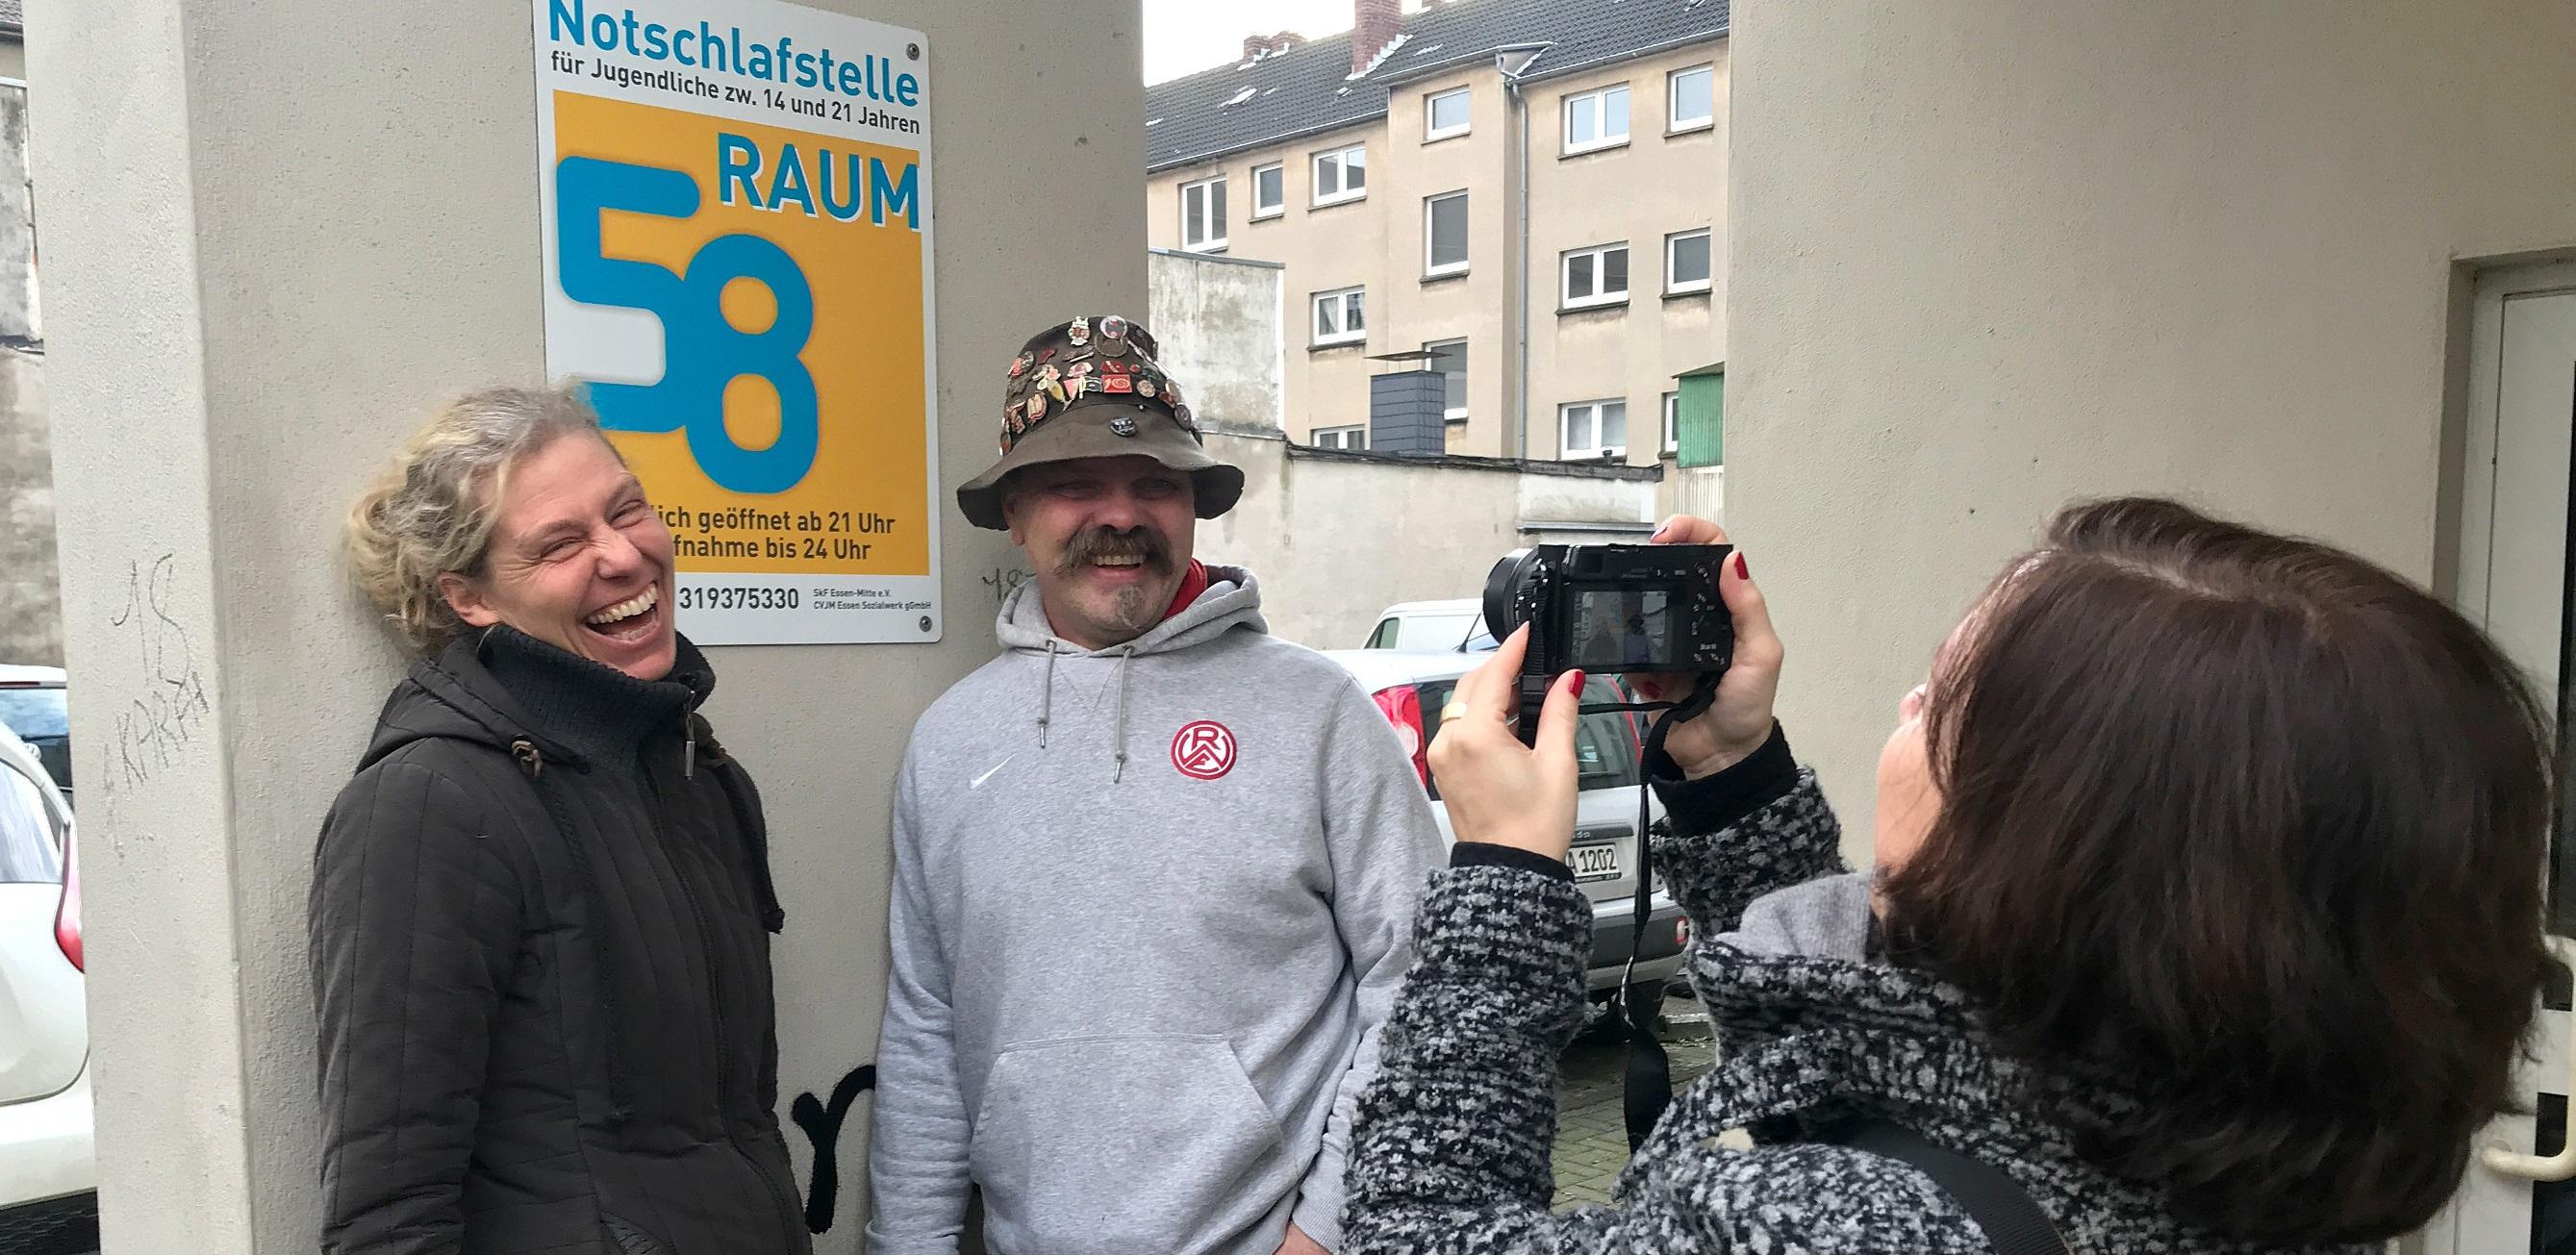 """Unterstützung für ein wichtiges Projekt: Manuela Grötschel, Leiterin der Notschlafstelle Raum 58, freut sich über die Spende von """"Sandy"""" Sandgathe. Foto: Capitain/EC"""